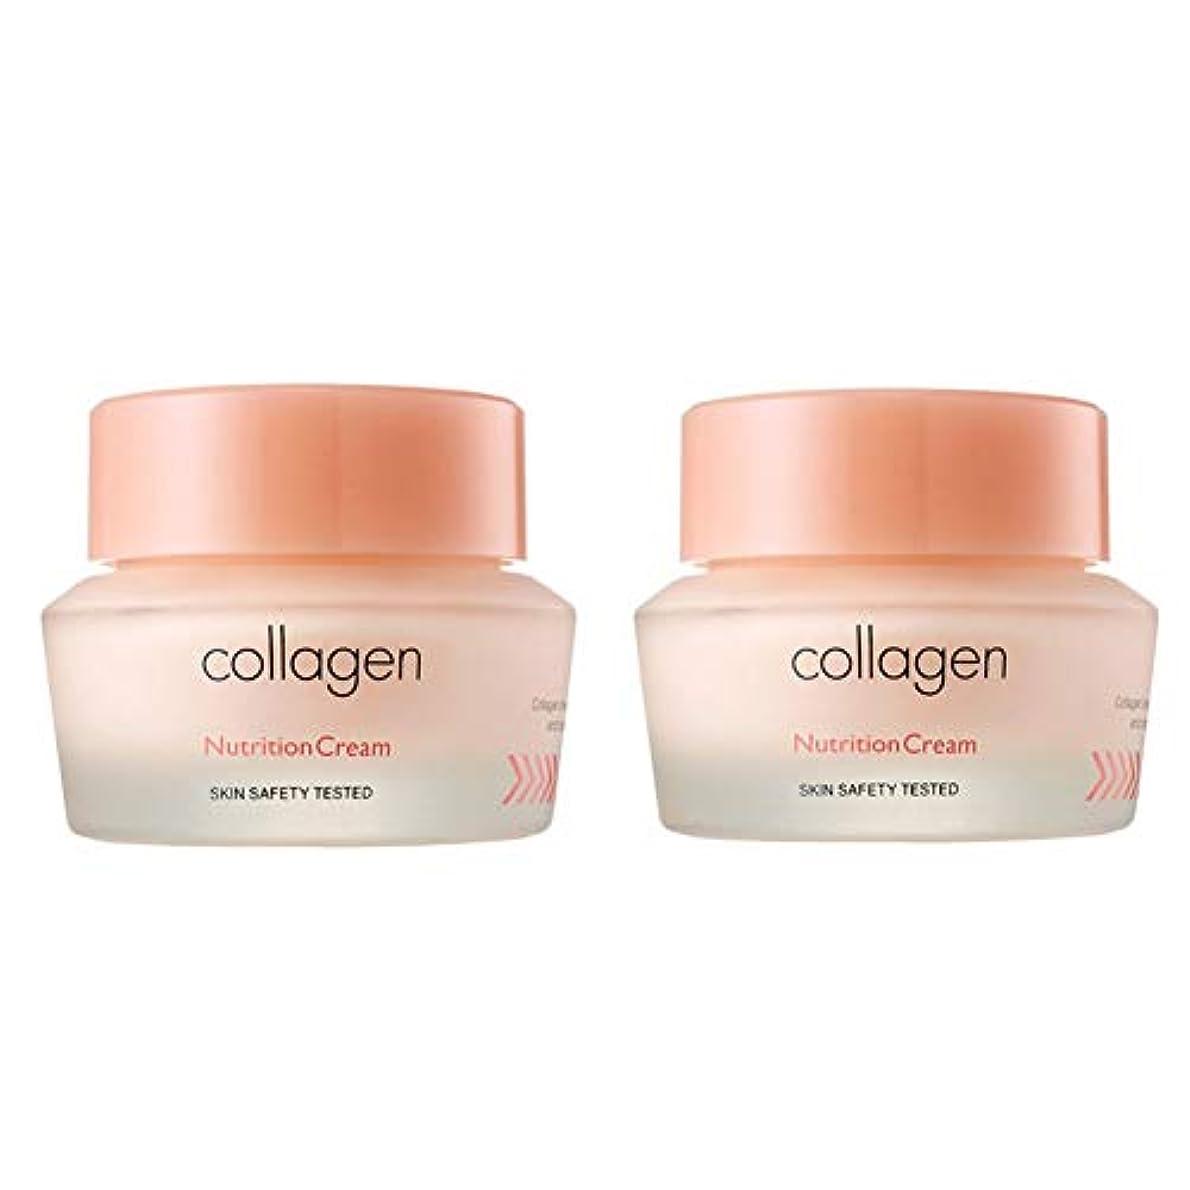 ダッシュ無限大キャッチイッツスキンコラーゲン栄養クリーム50ml x 2本セット、It's Skin Collagen Nutrition Cream 50ml x 2ea Set [並行輸入品]